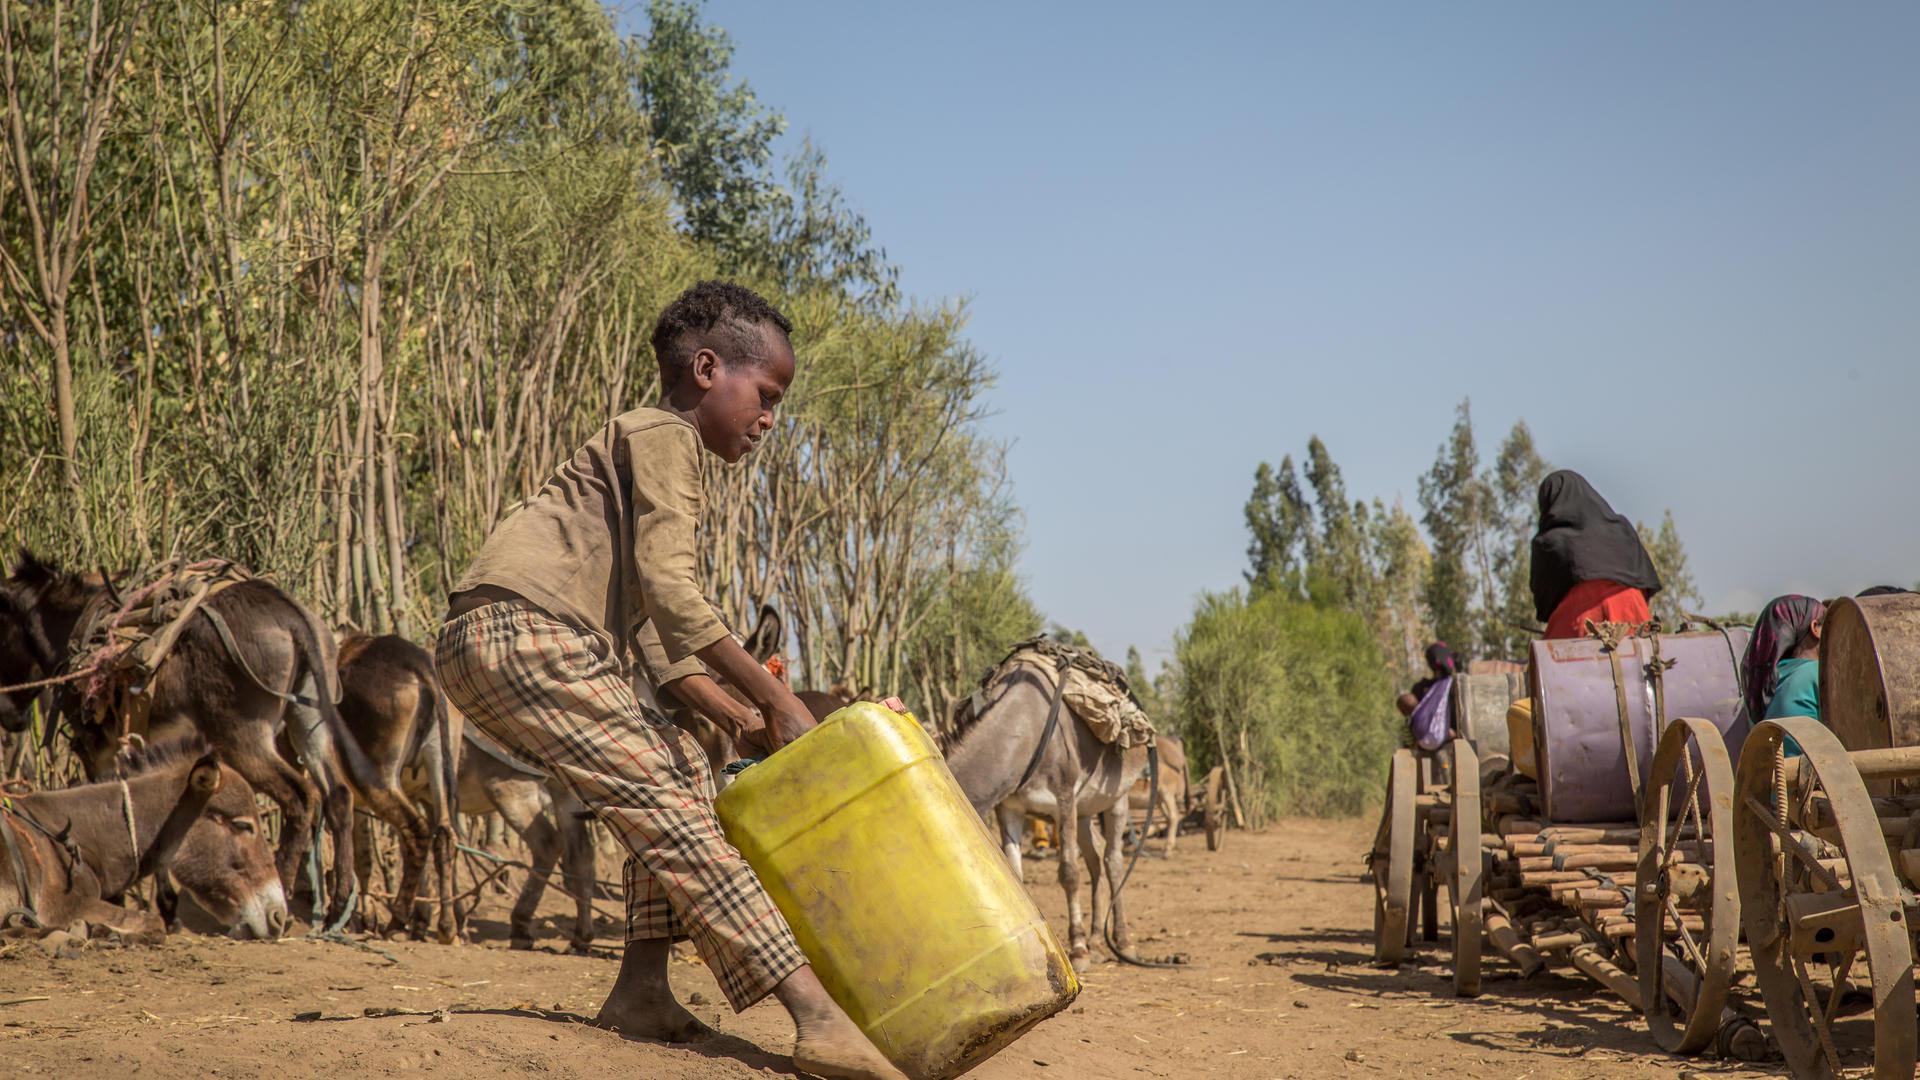 Boy fetching water